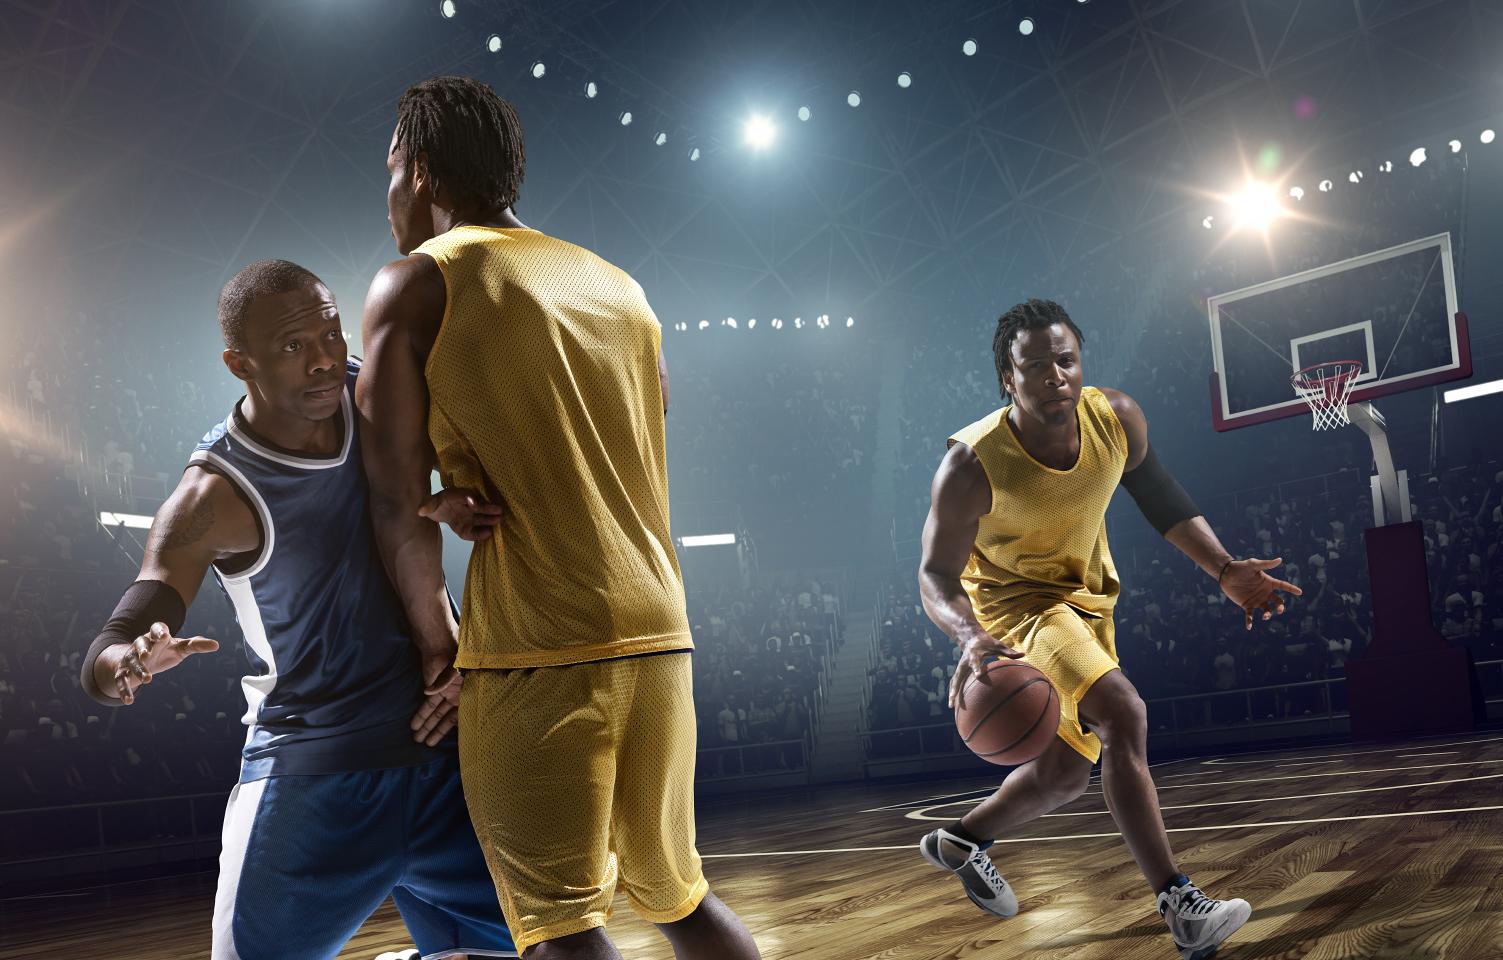 Basketball_game_5_6